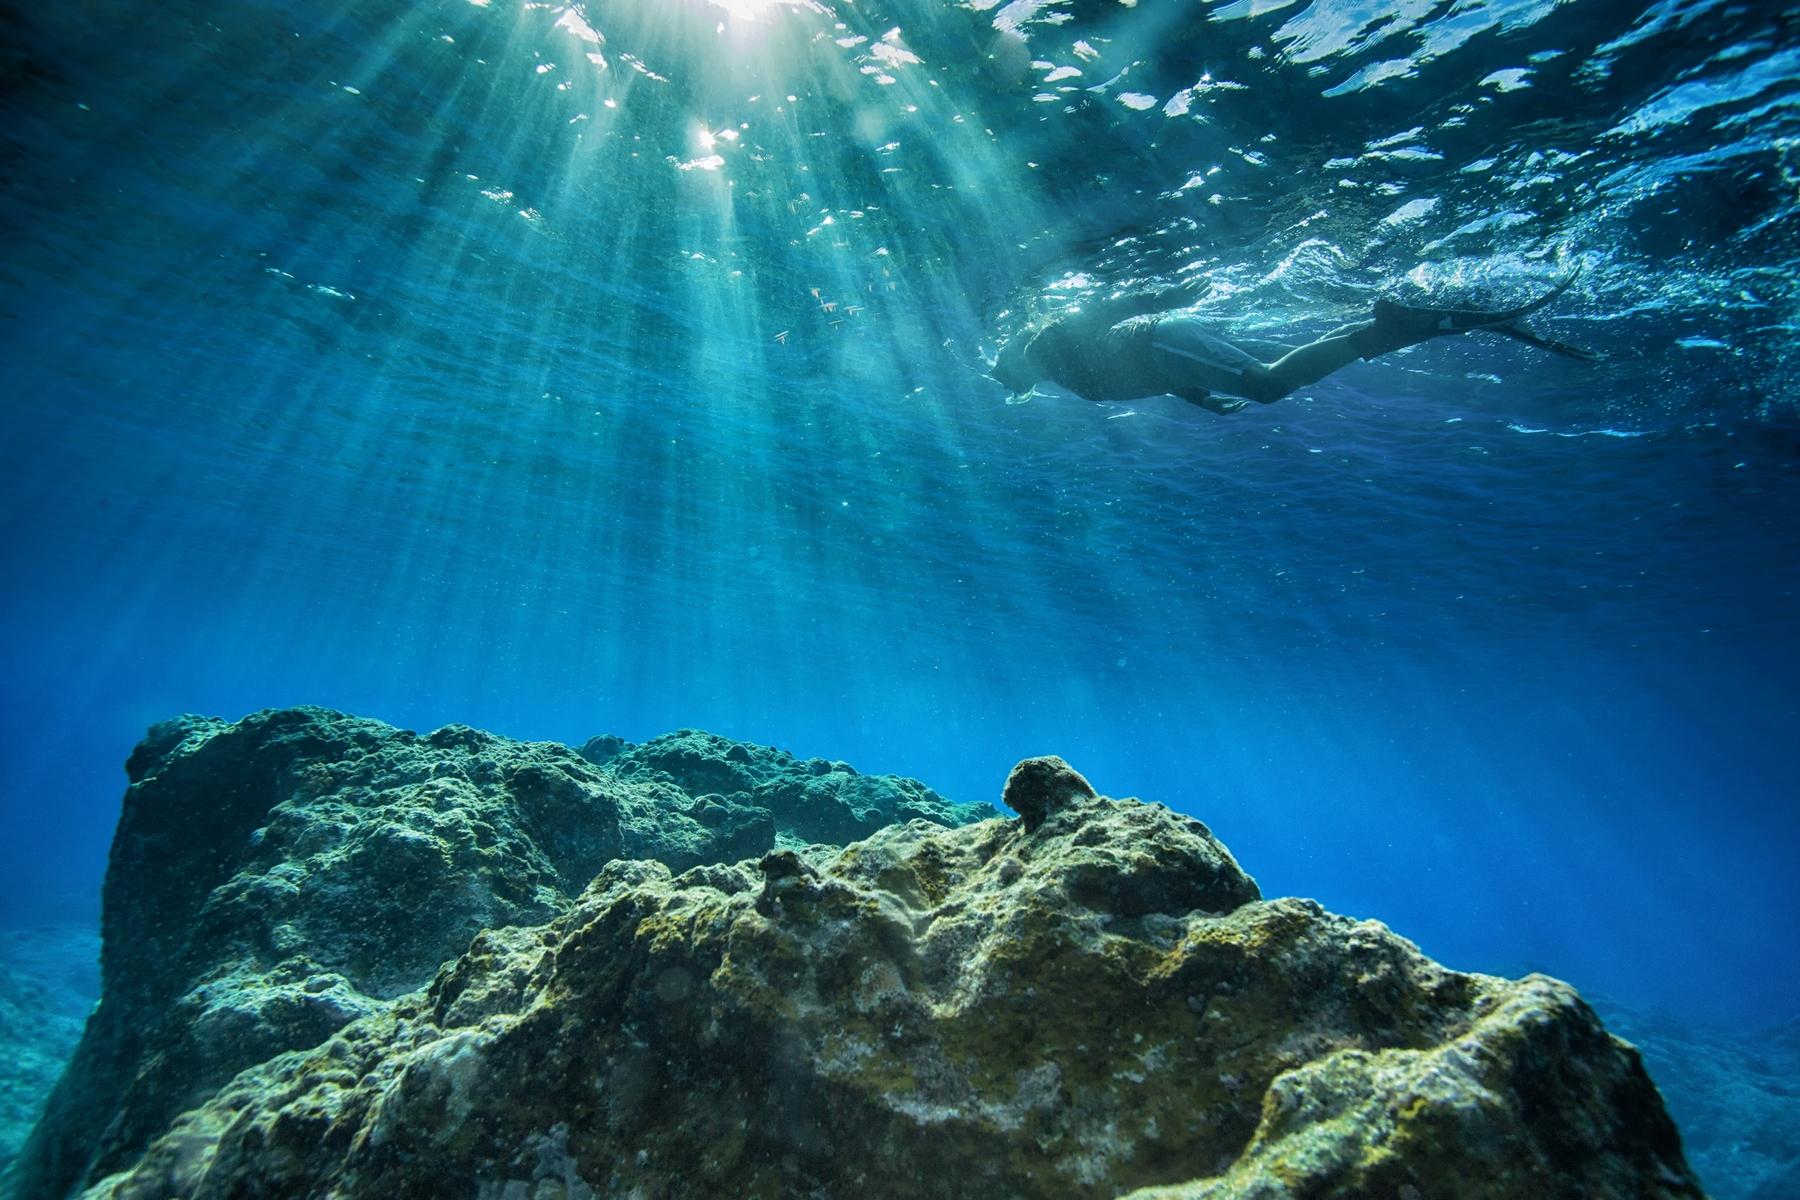 Najlepsze miejsca do nurkowania: Larnaka, Cypr